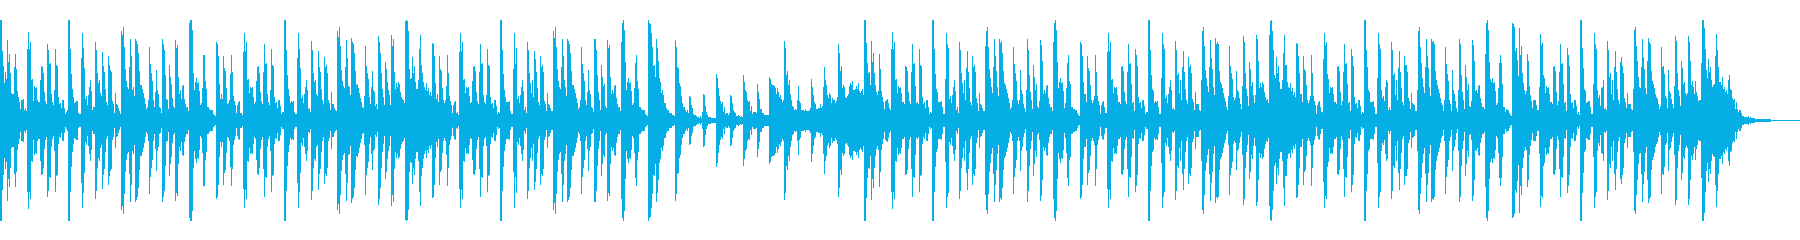 風変わりな電子シンセとアコースティ...の再生済みの波形